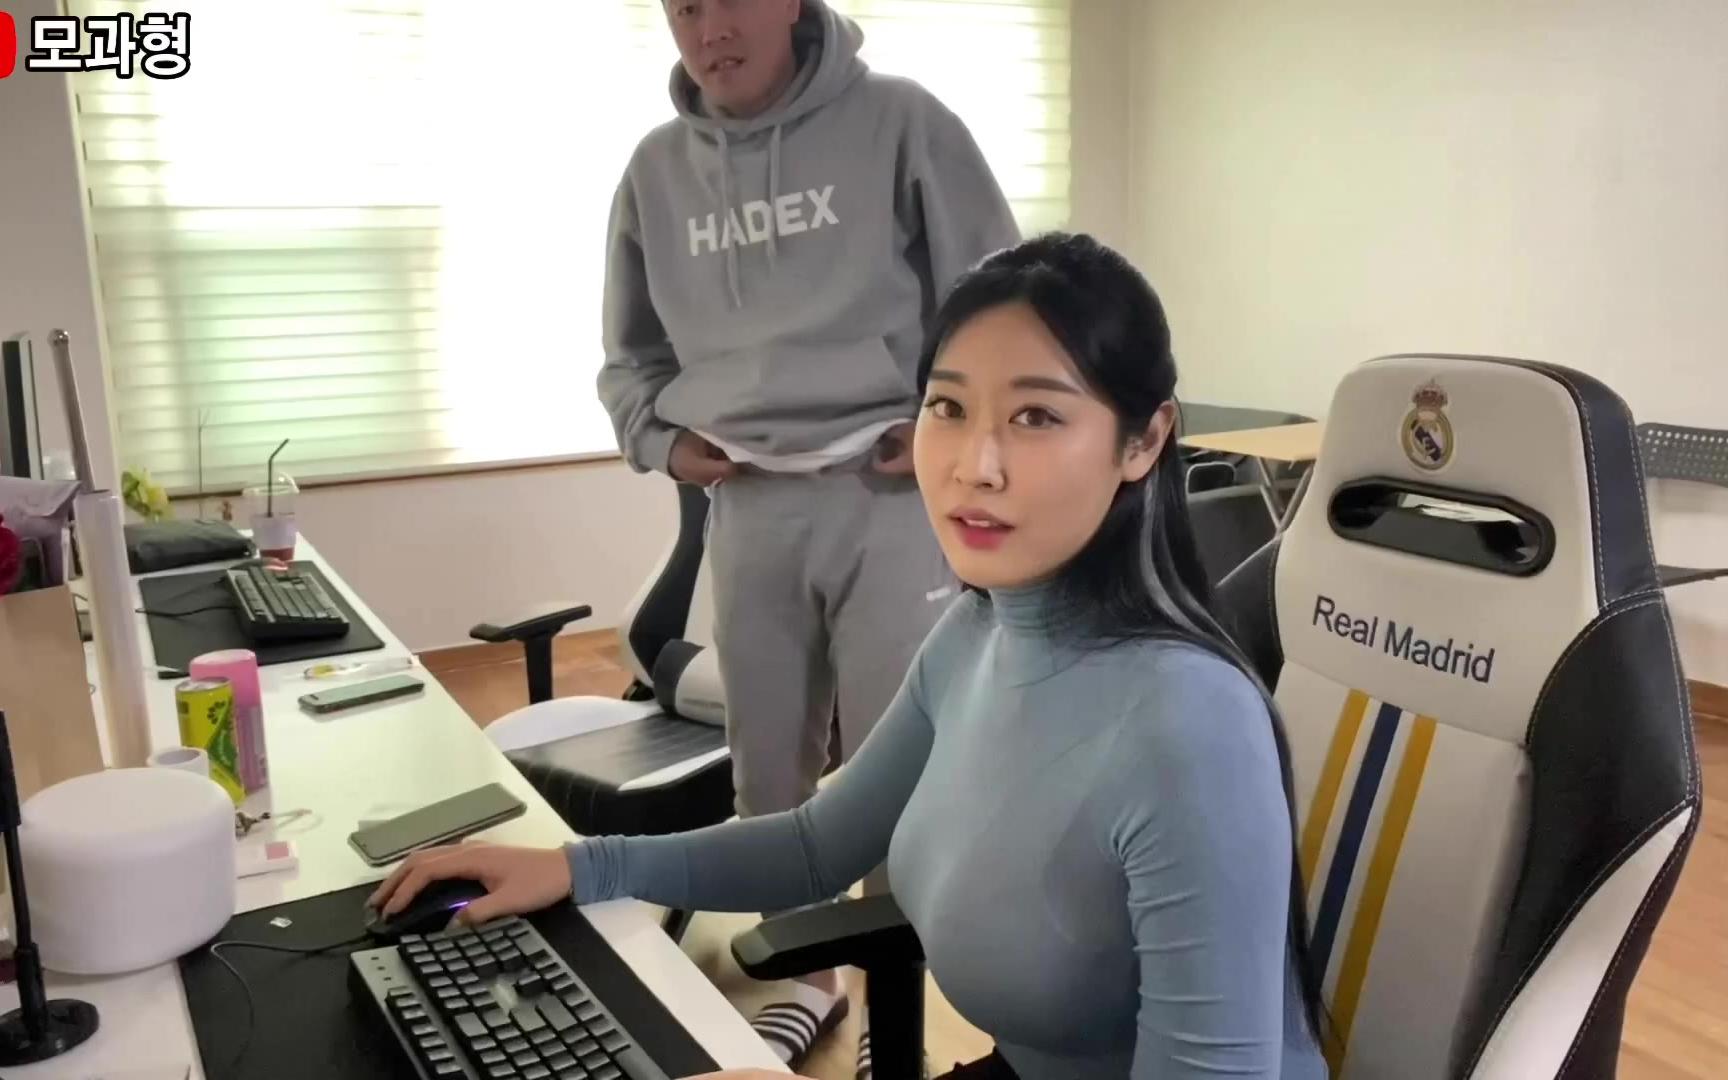 众所周知,非韩语十级看不懂这个视频#15